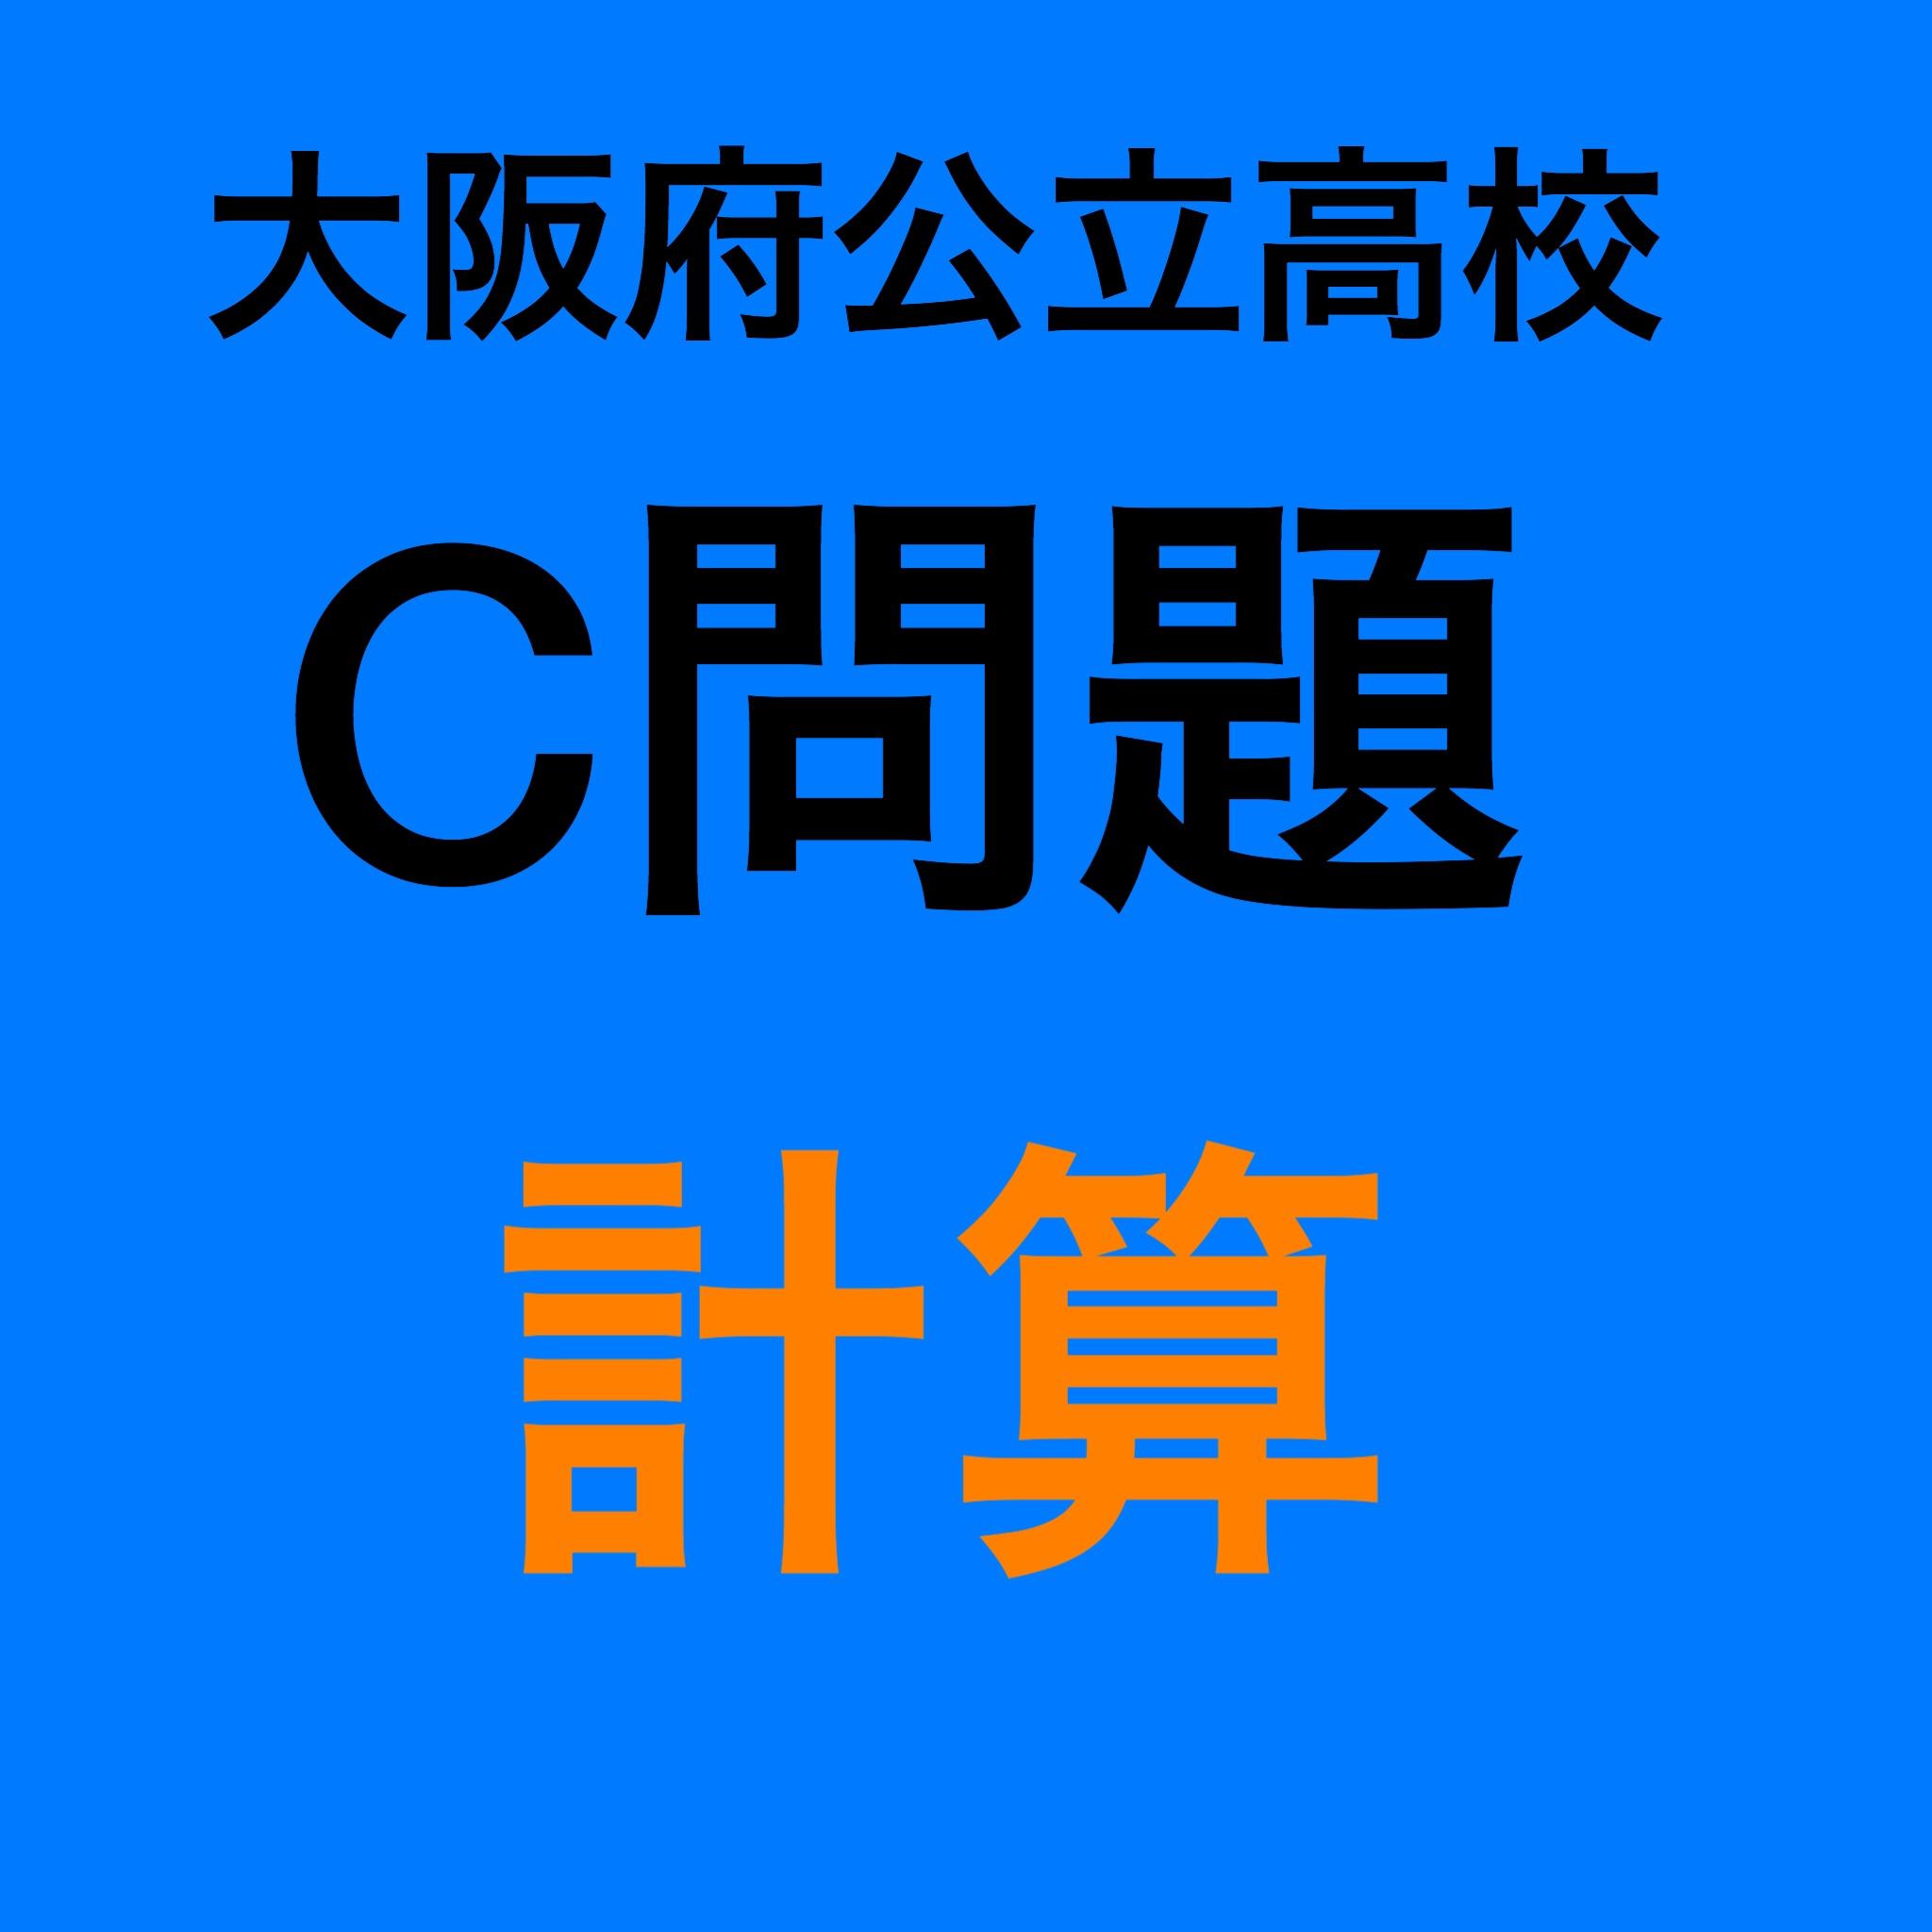 時系列で細かく見る大阪府公立高校C問題!今回は計算!